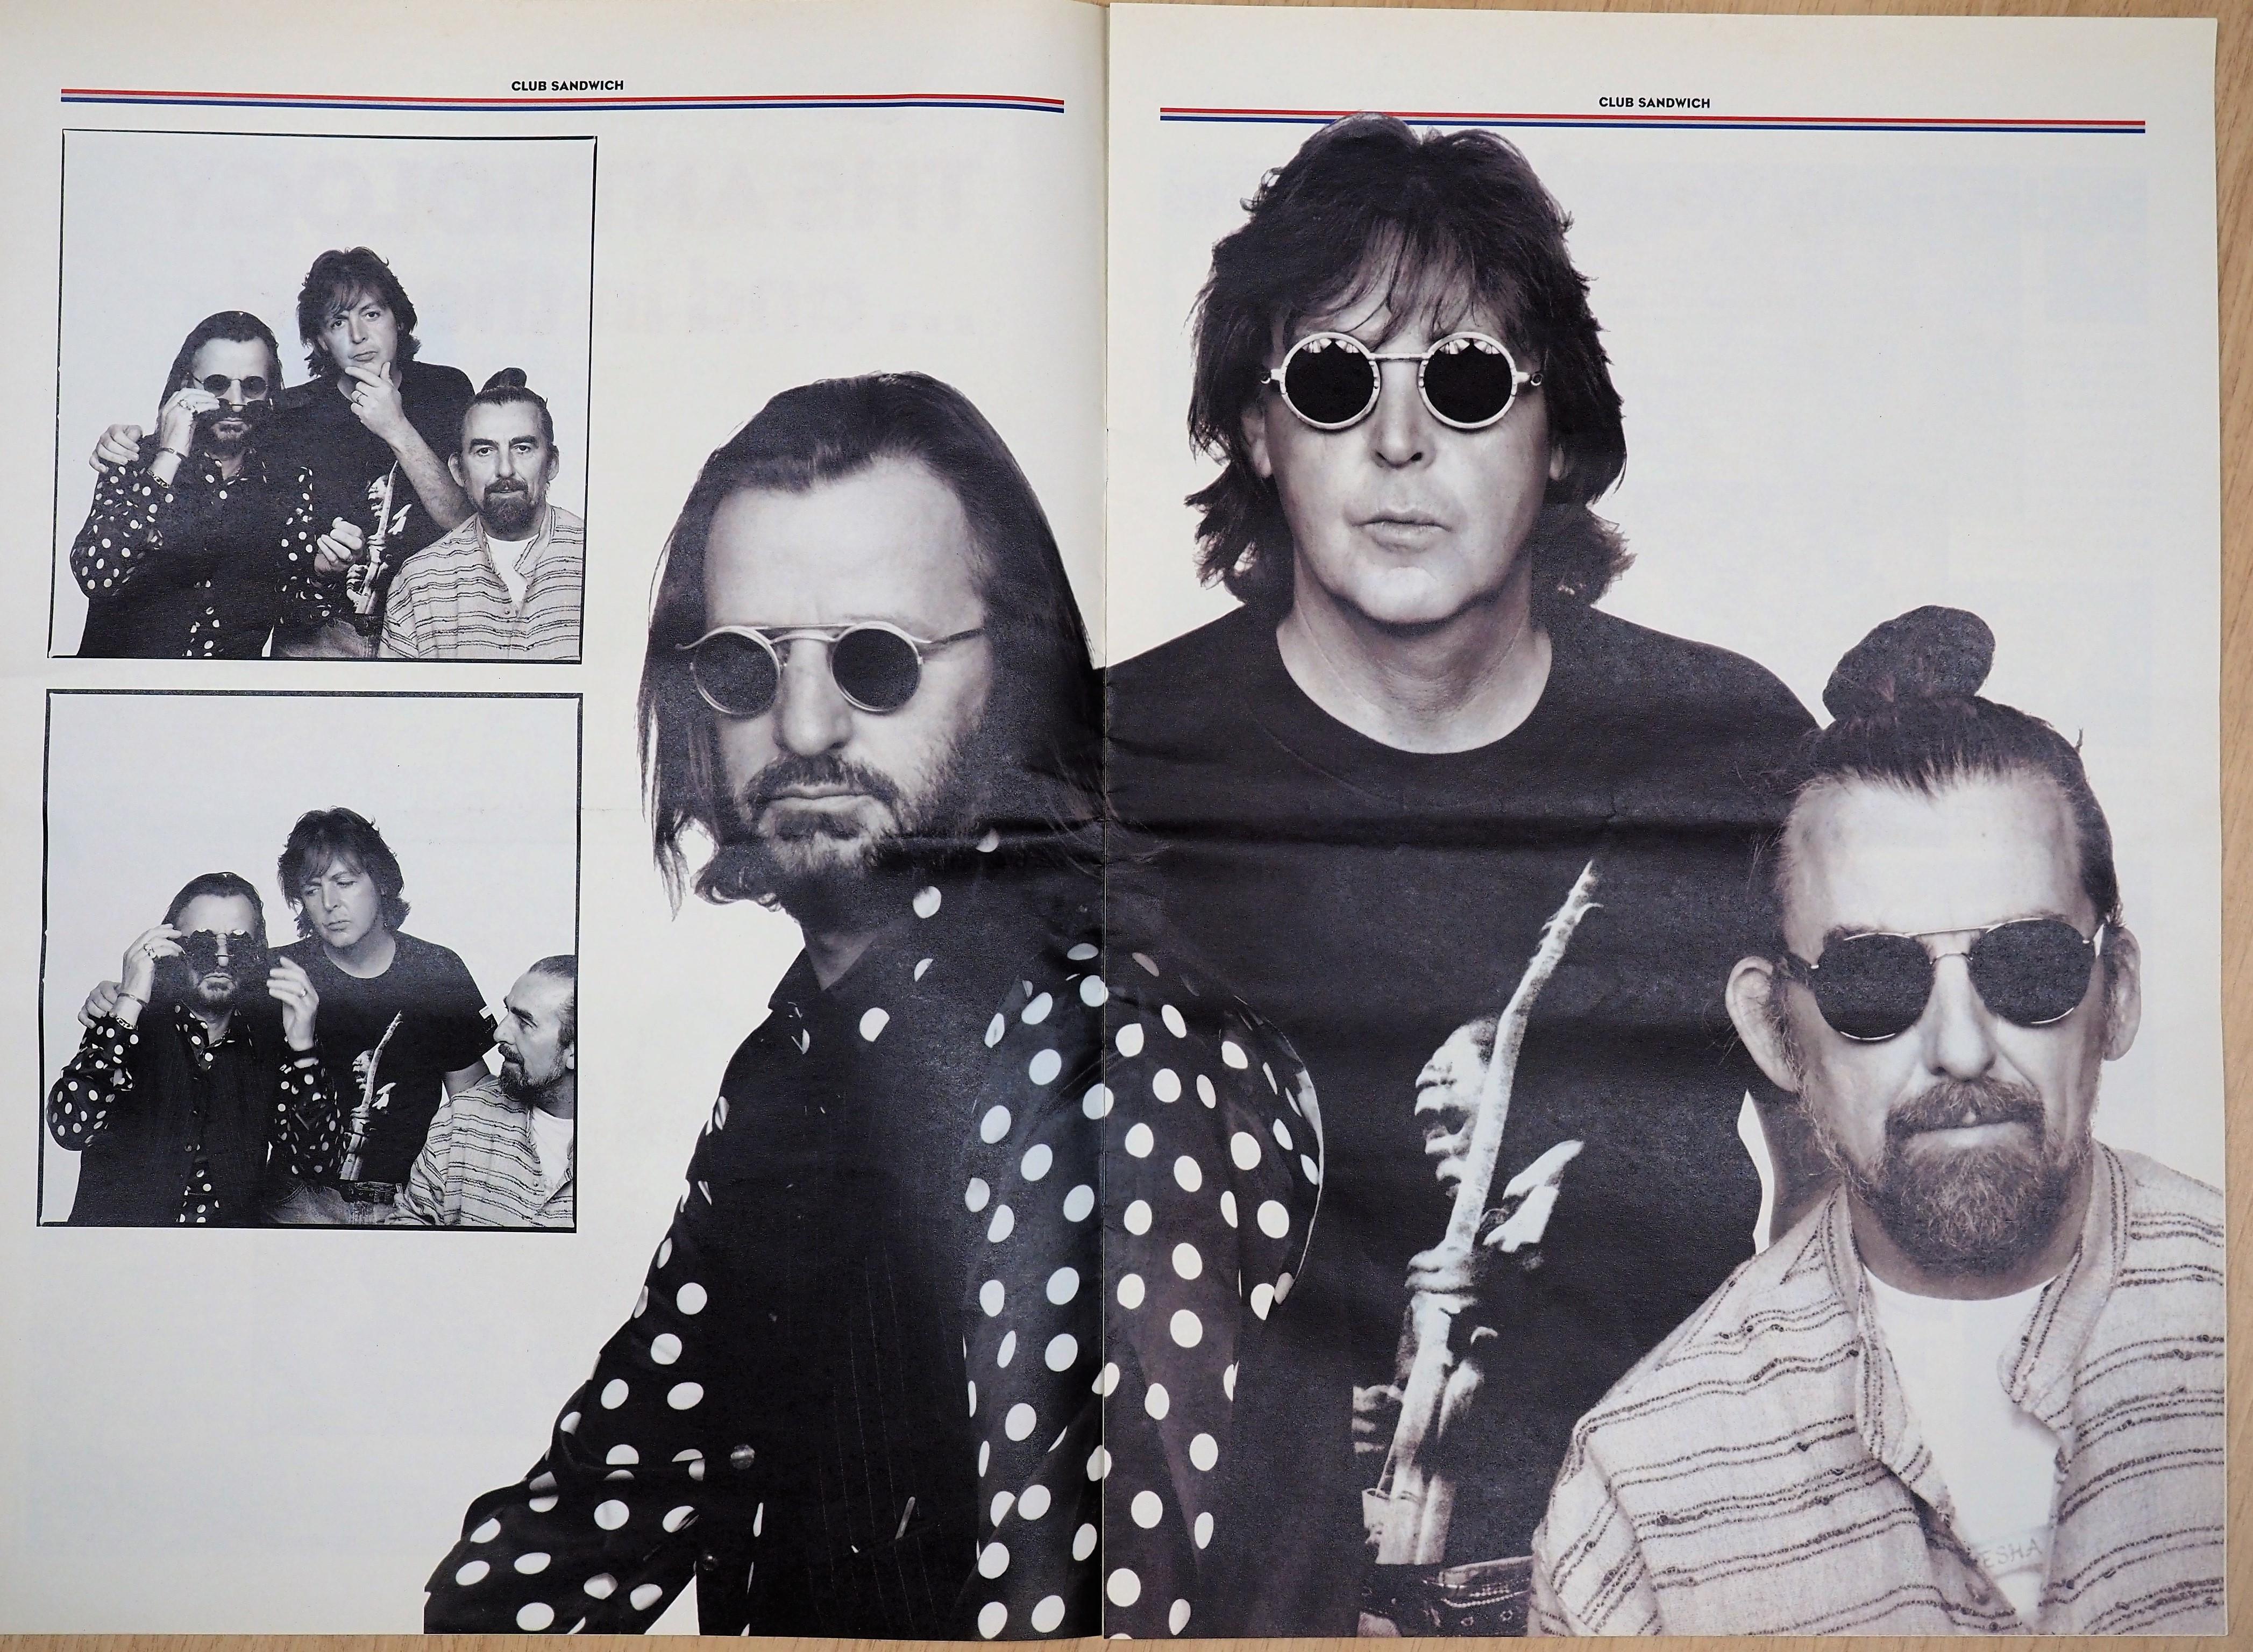 ポールのファンクラブ冊子『クラブ・サンドイッチ』(1996年AUTUMN No79)に収められた、リンゴ、ポール、ジョージの写真。